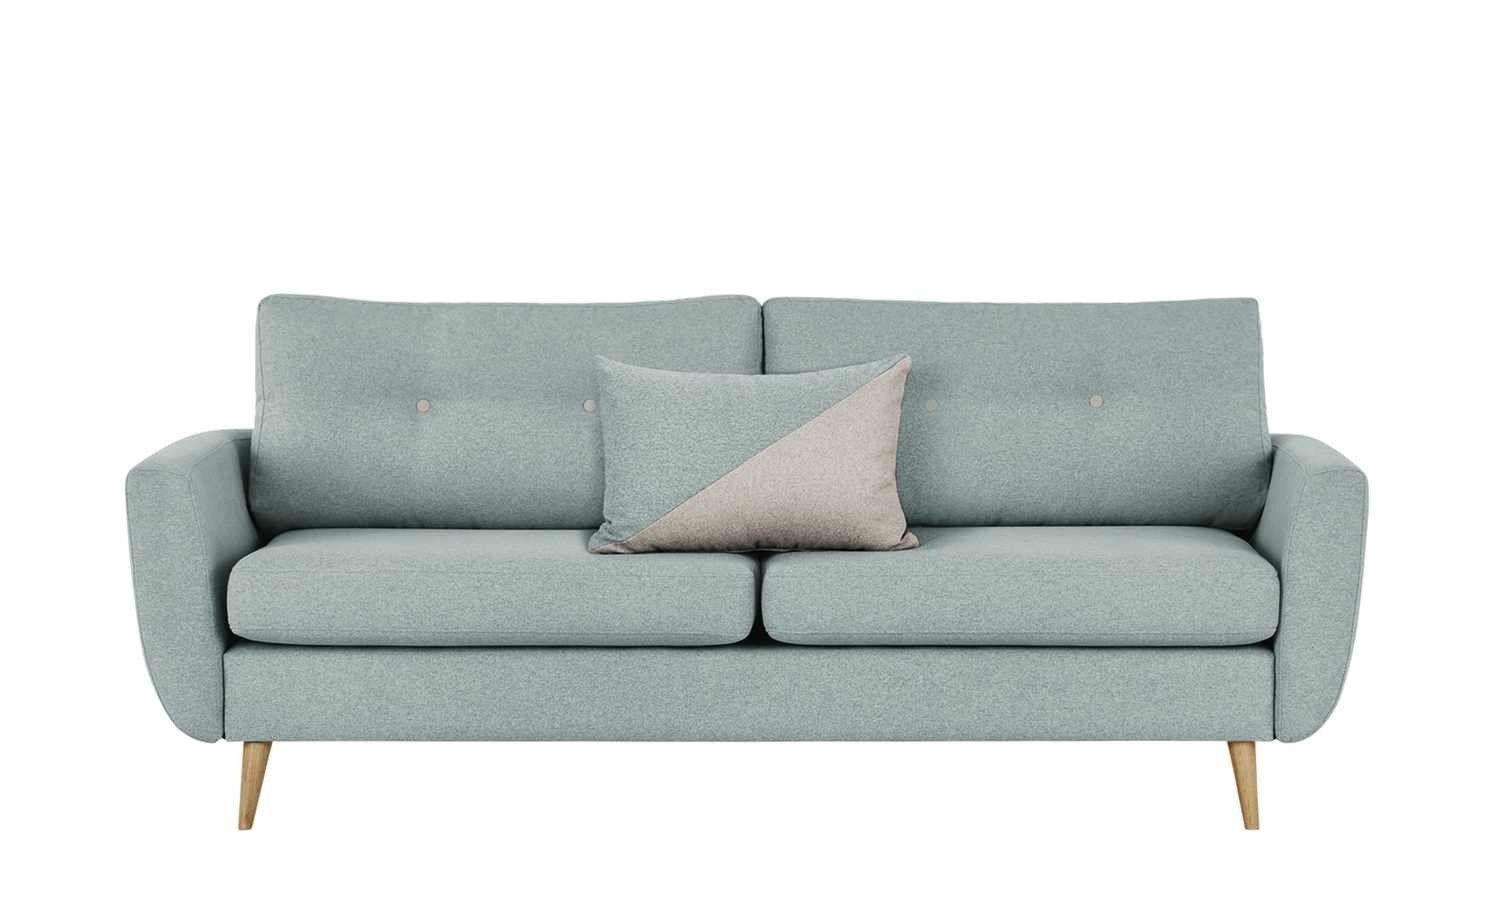 Pin Von Kate Kammann Auf Wohnzimmer Retro Sofa Sofa Design Sitzgruppe